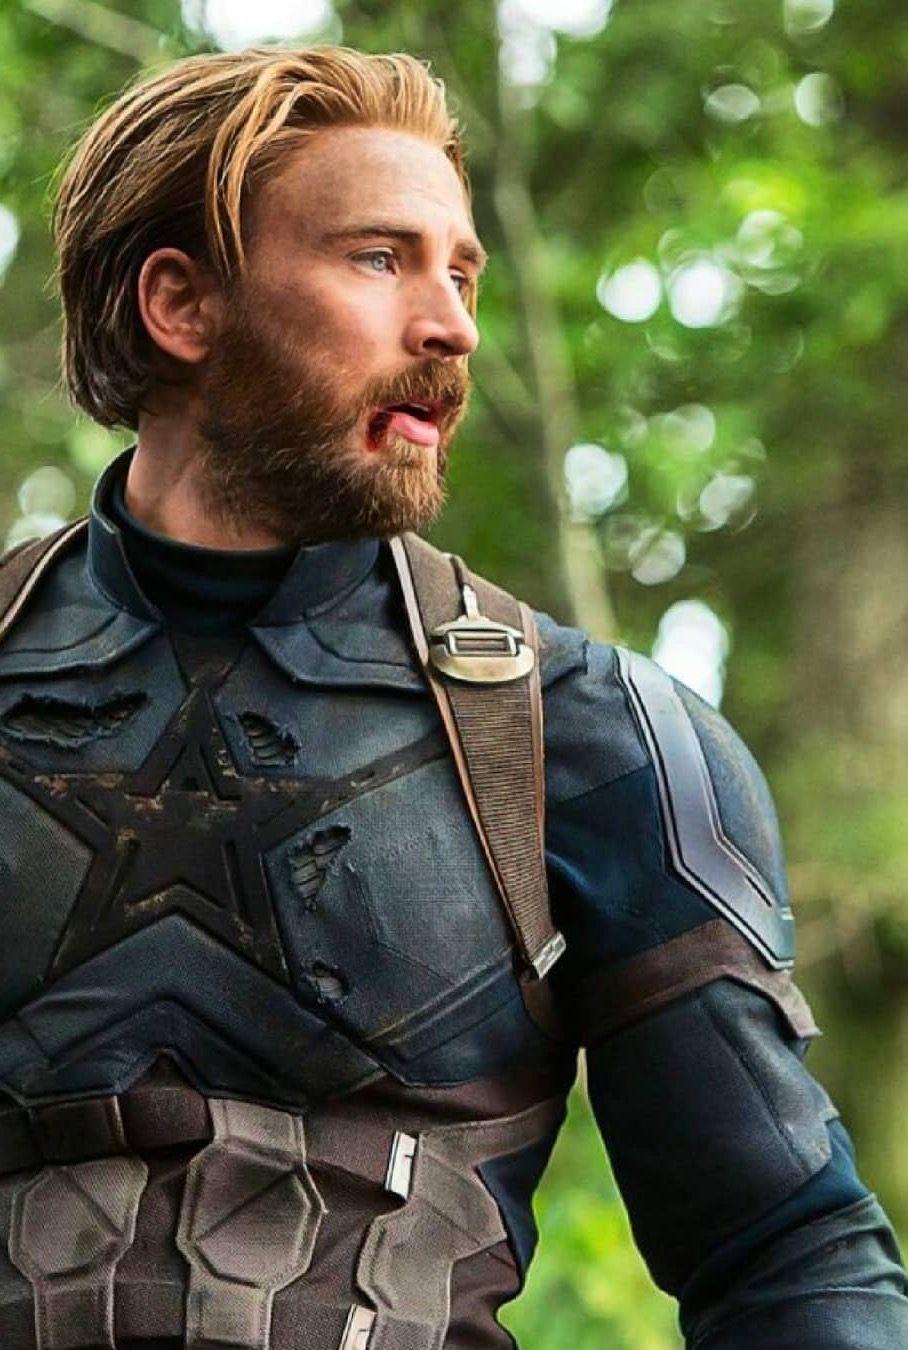 chris evans as captain america in avengers: infinity war | marvel